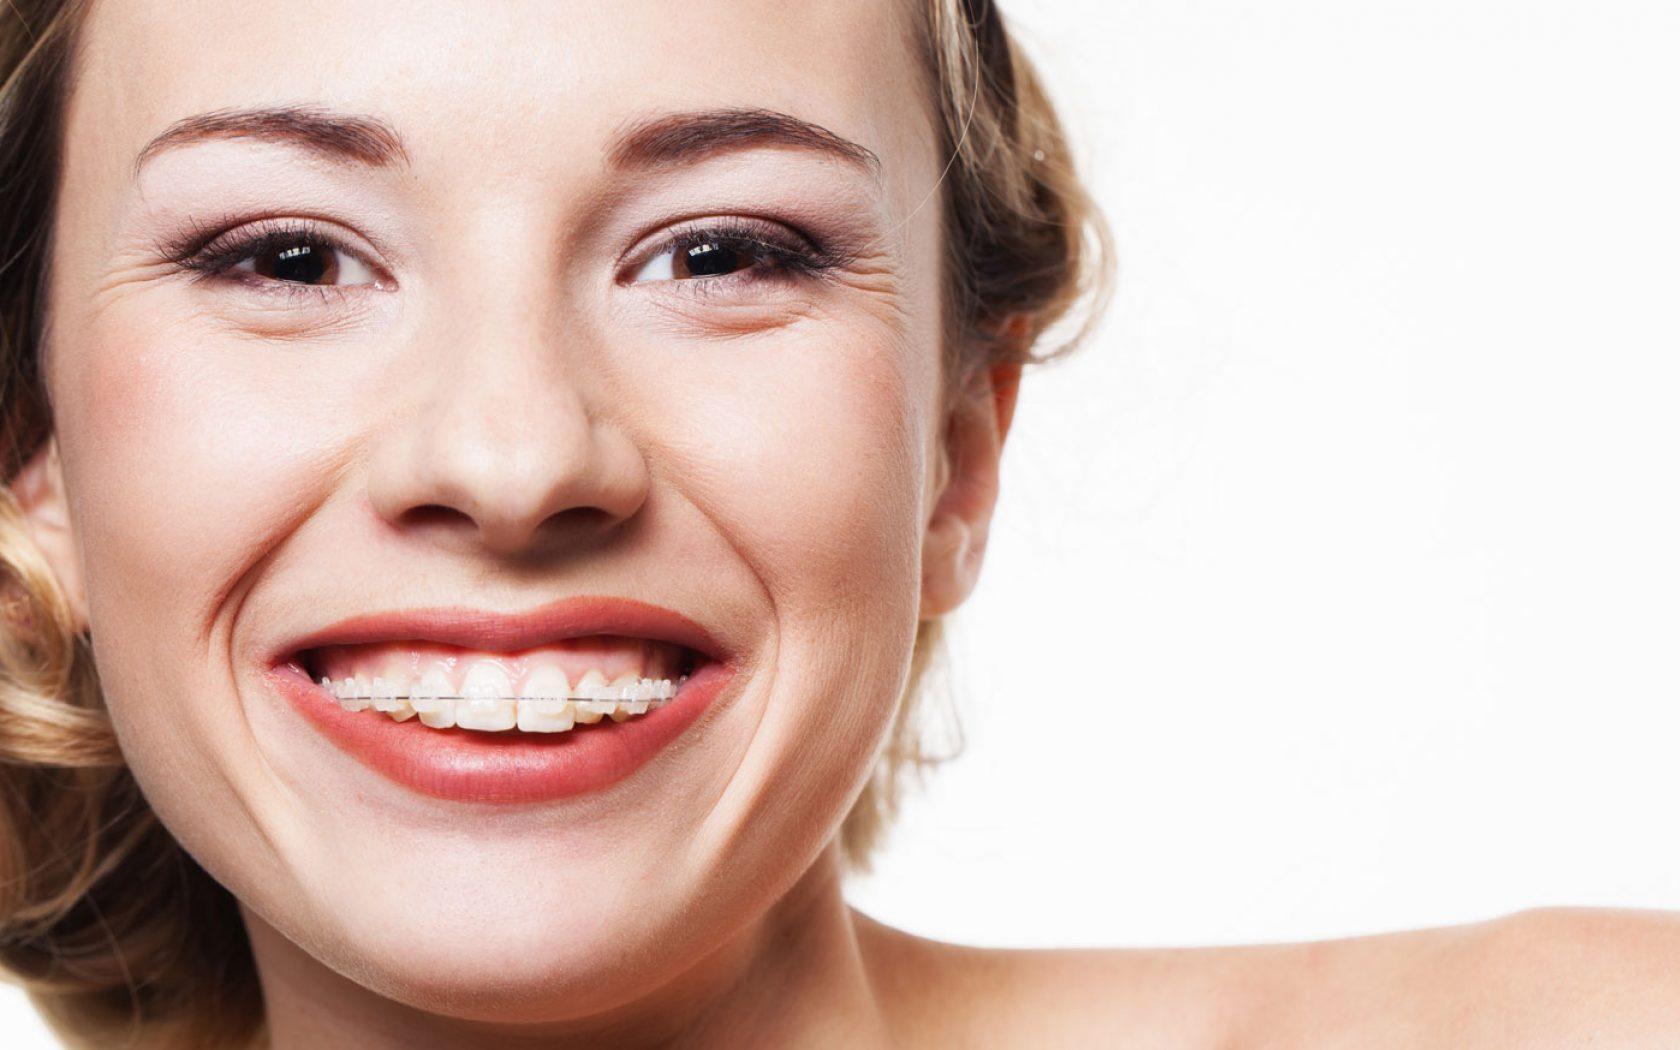 Όλες οι δυνατές εναλλακτικές για ένα λευκό, φυσικό χαμόγελο